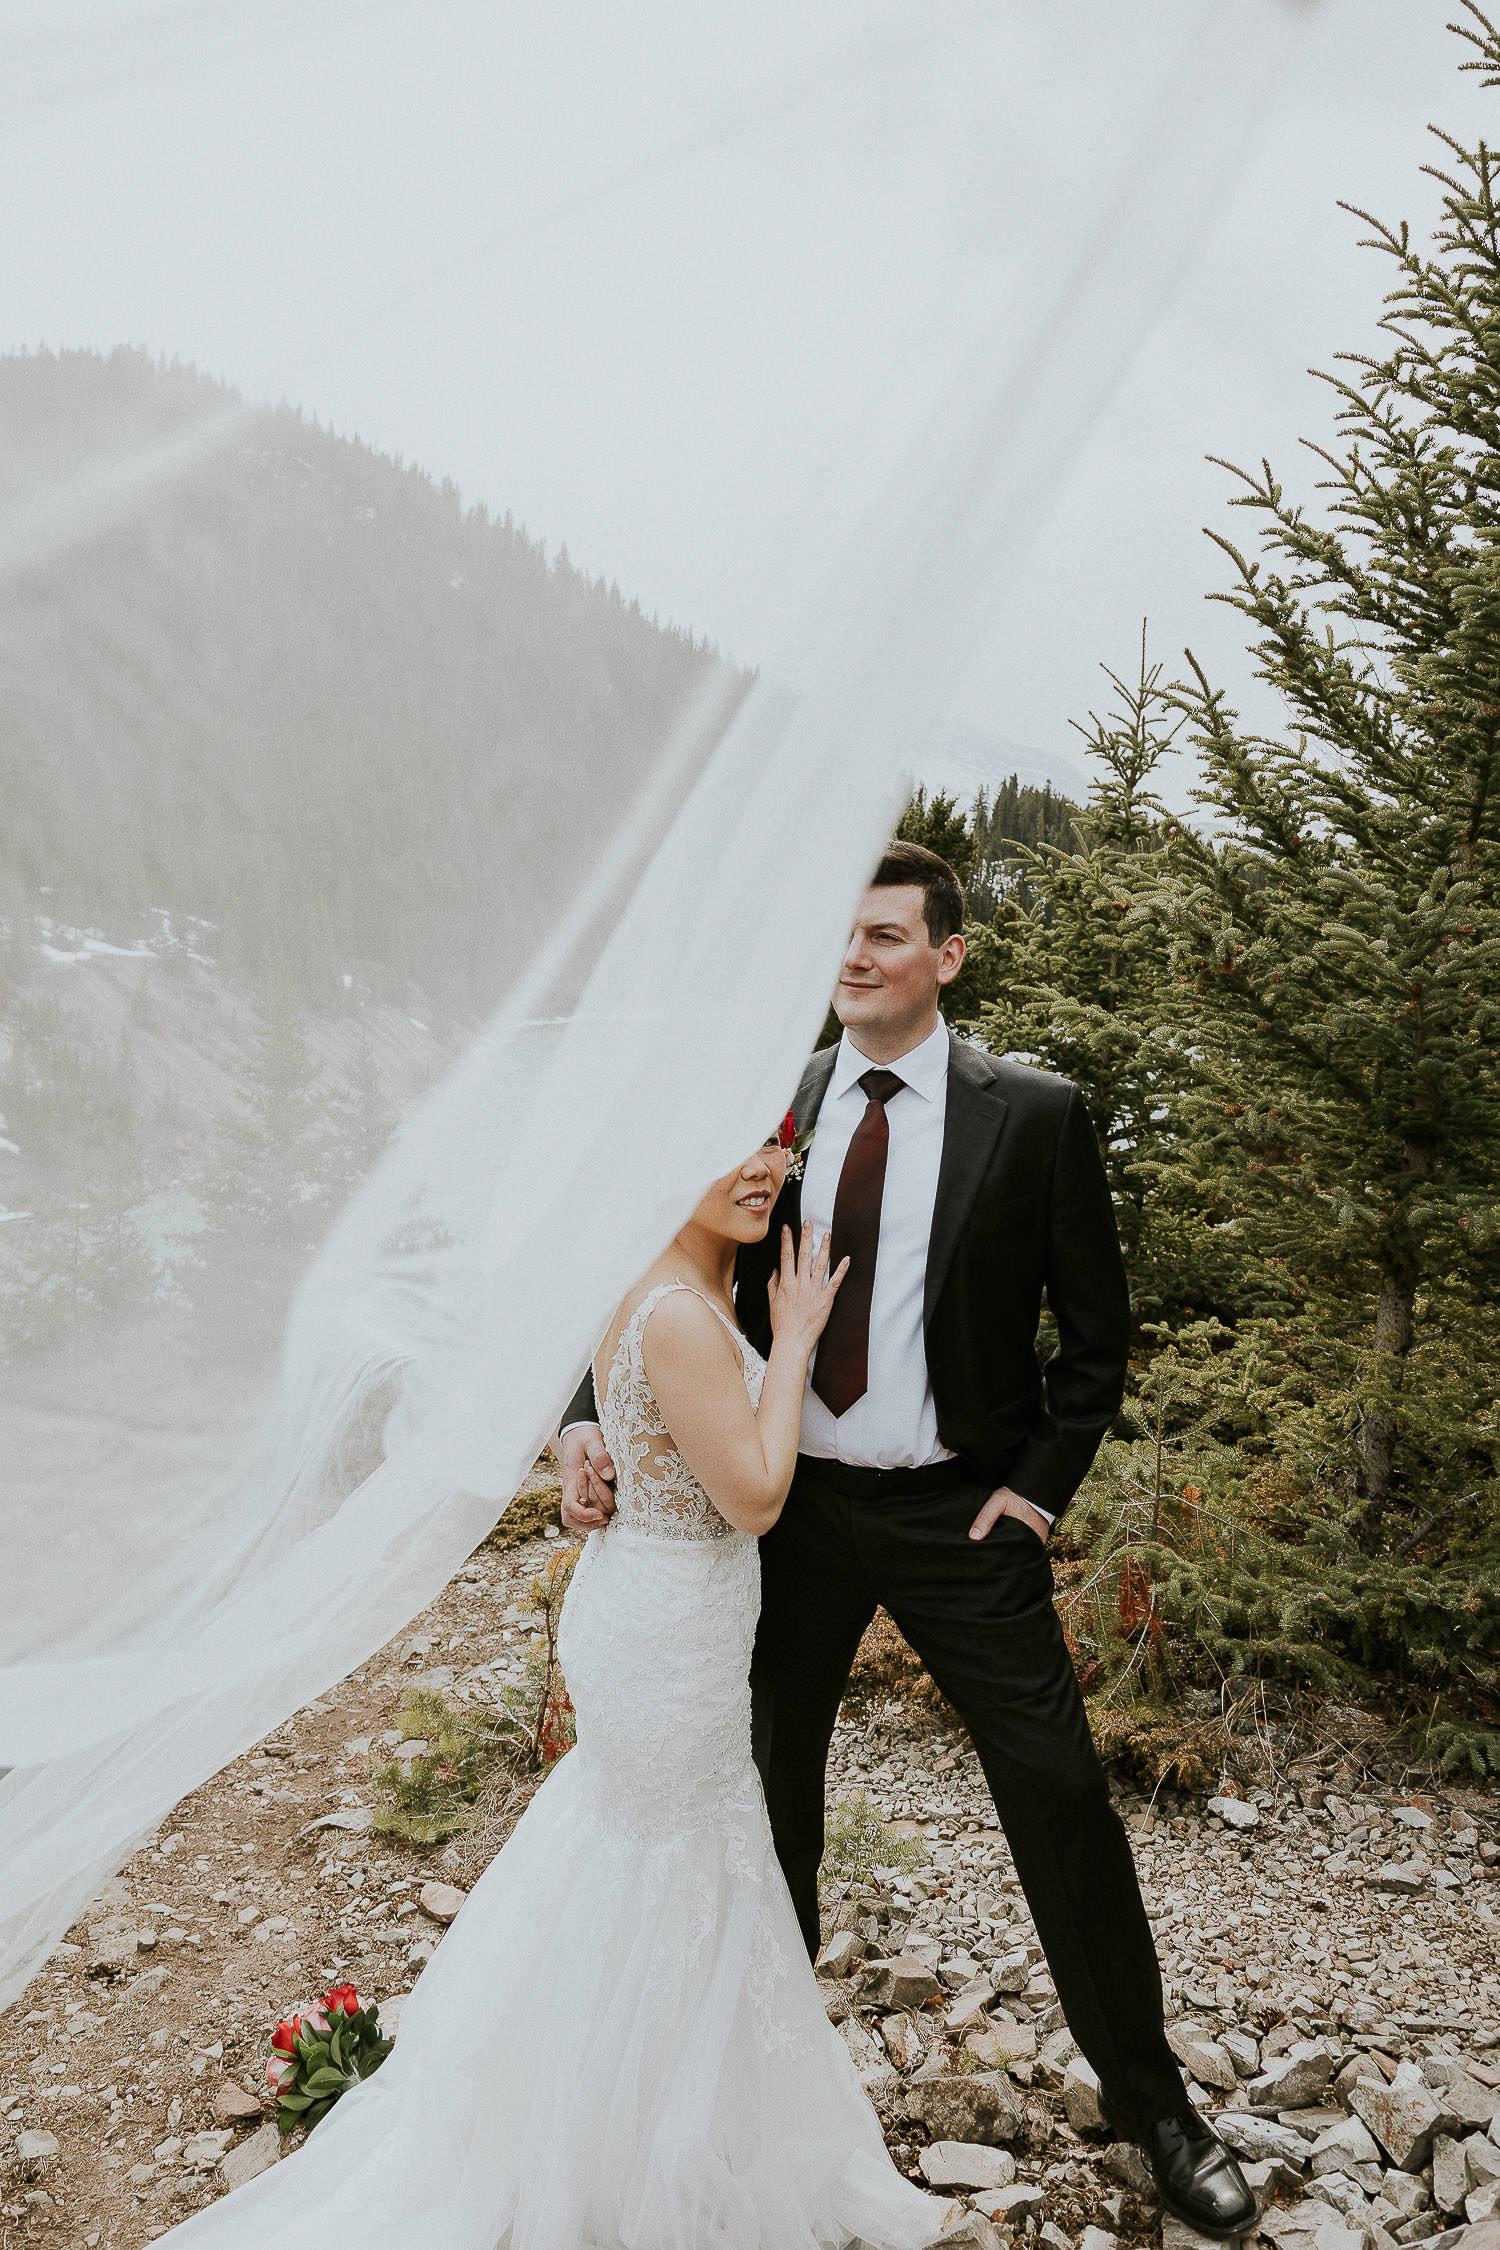 intimate-wedding-at-banff-springs-hotel-sarah-pukin-0139